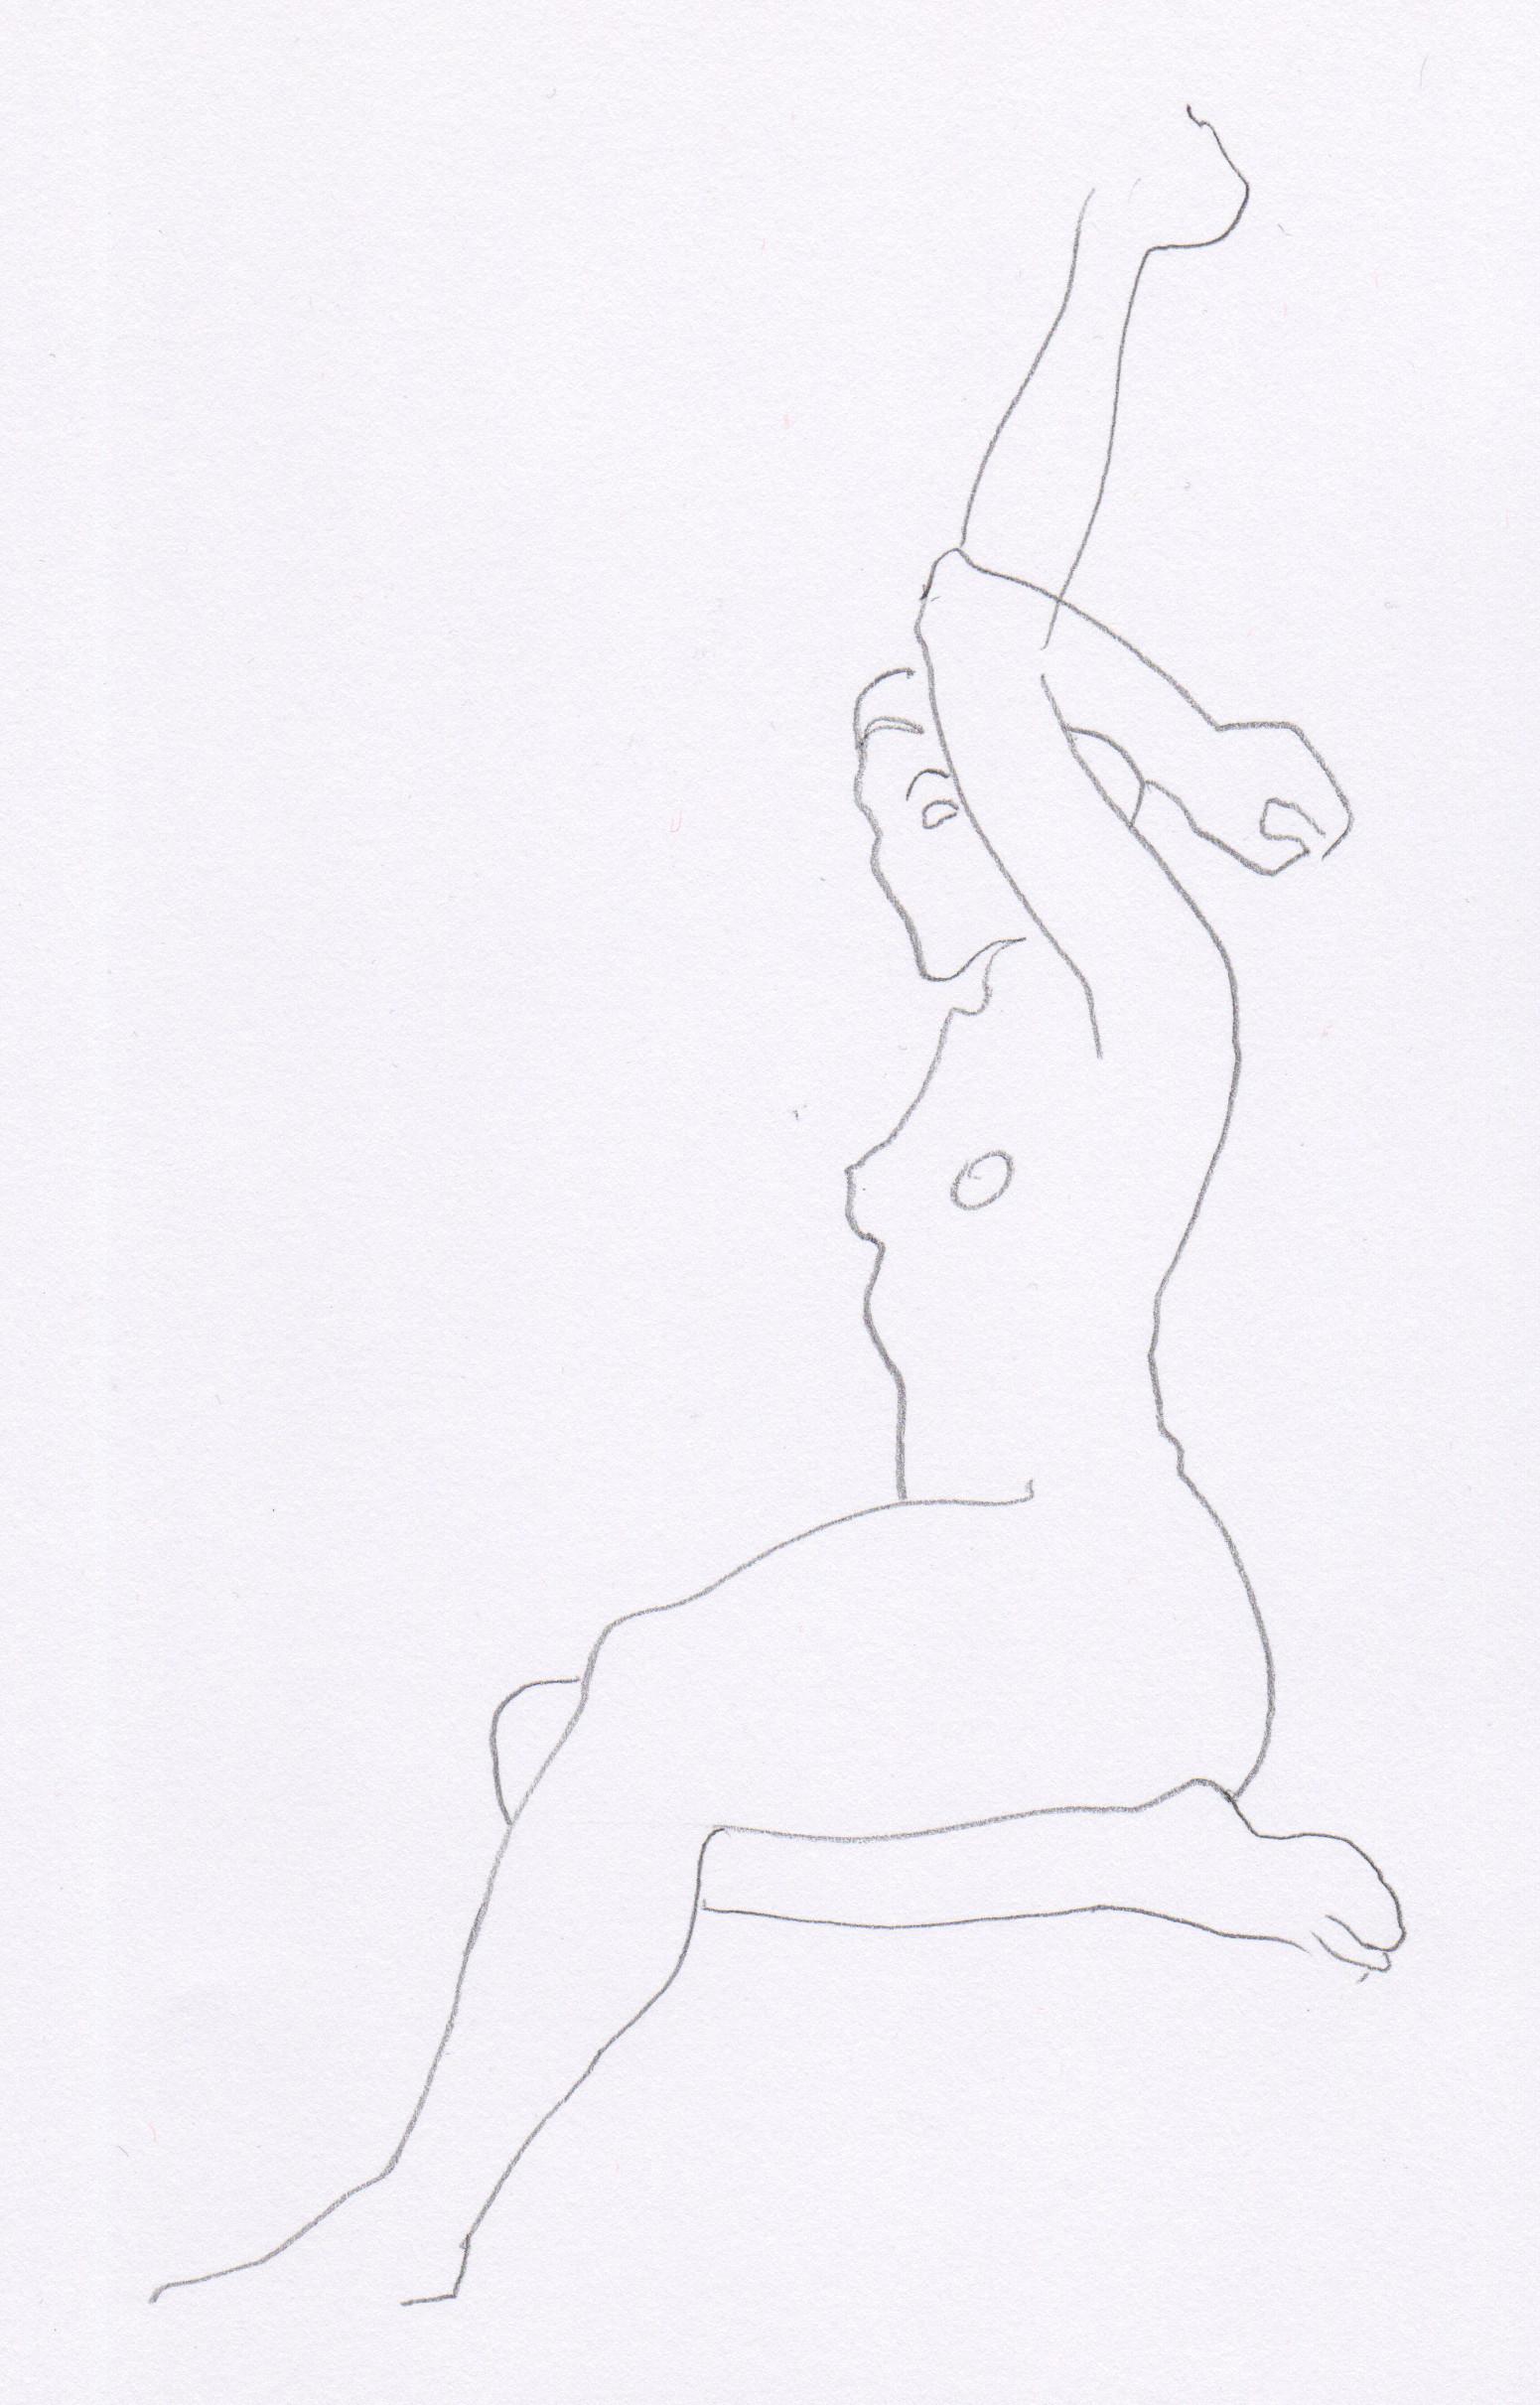 2012_Sketch_F-Beudin_Alice_09